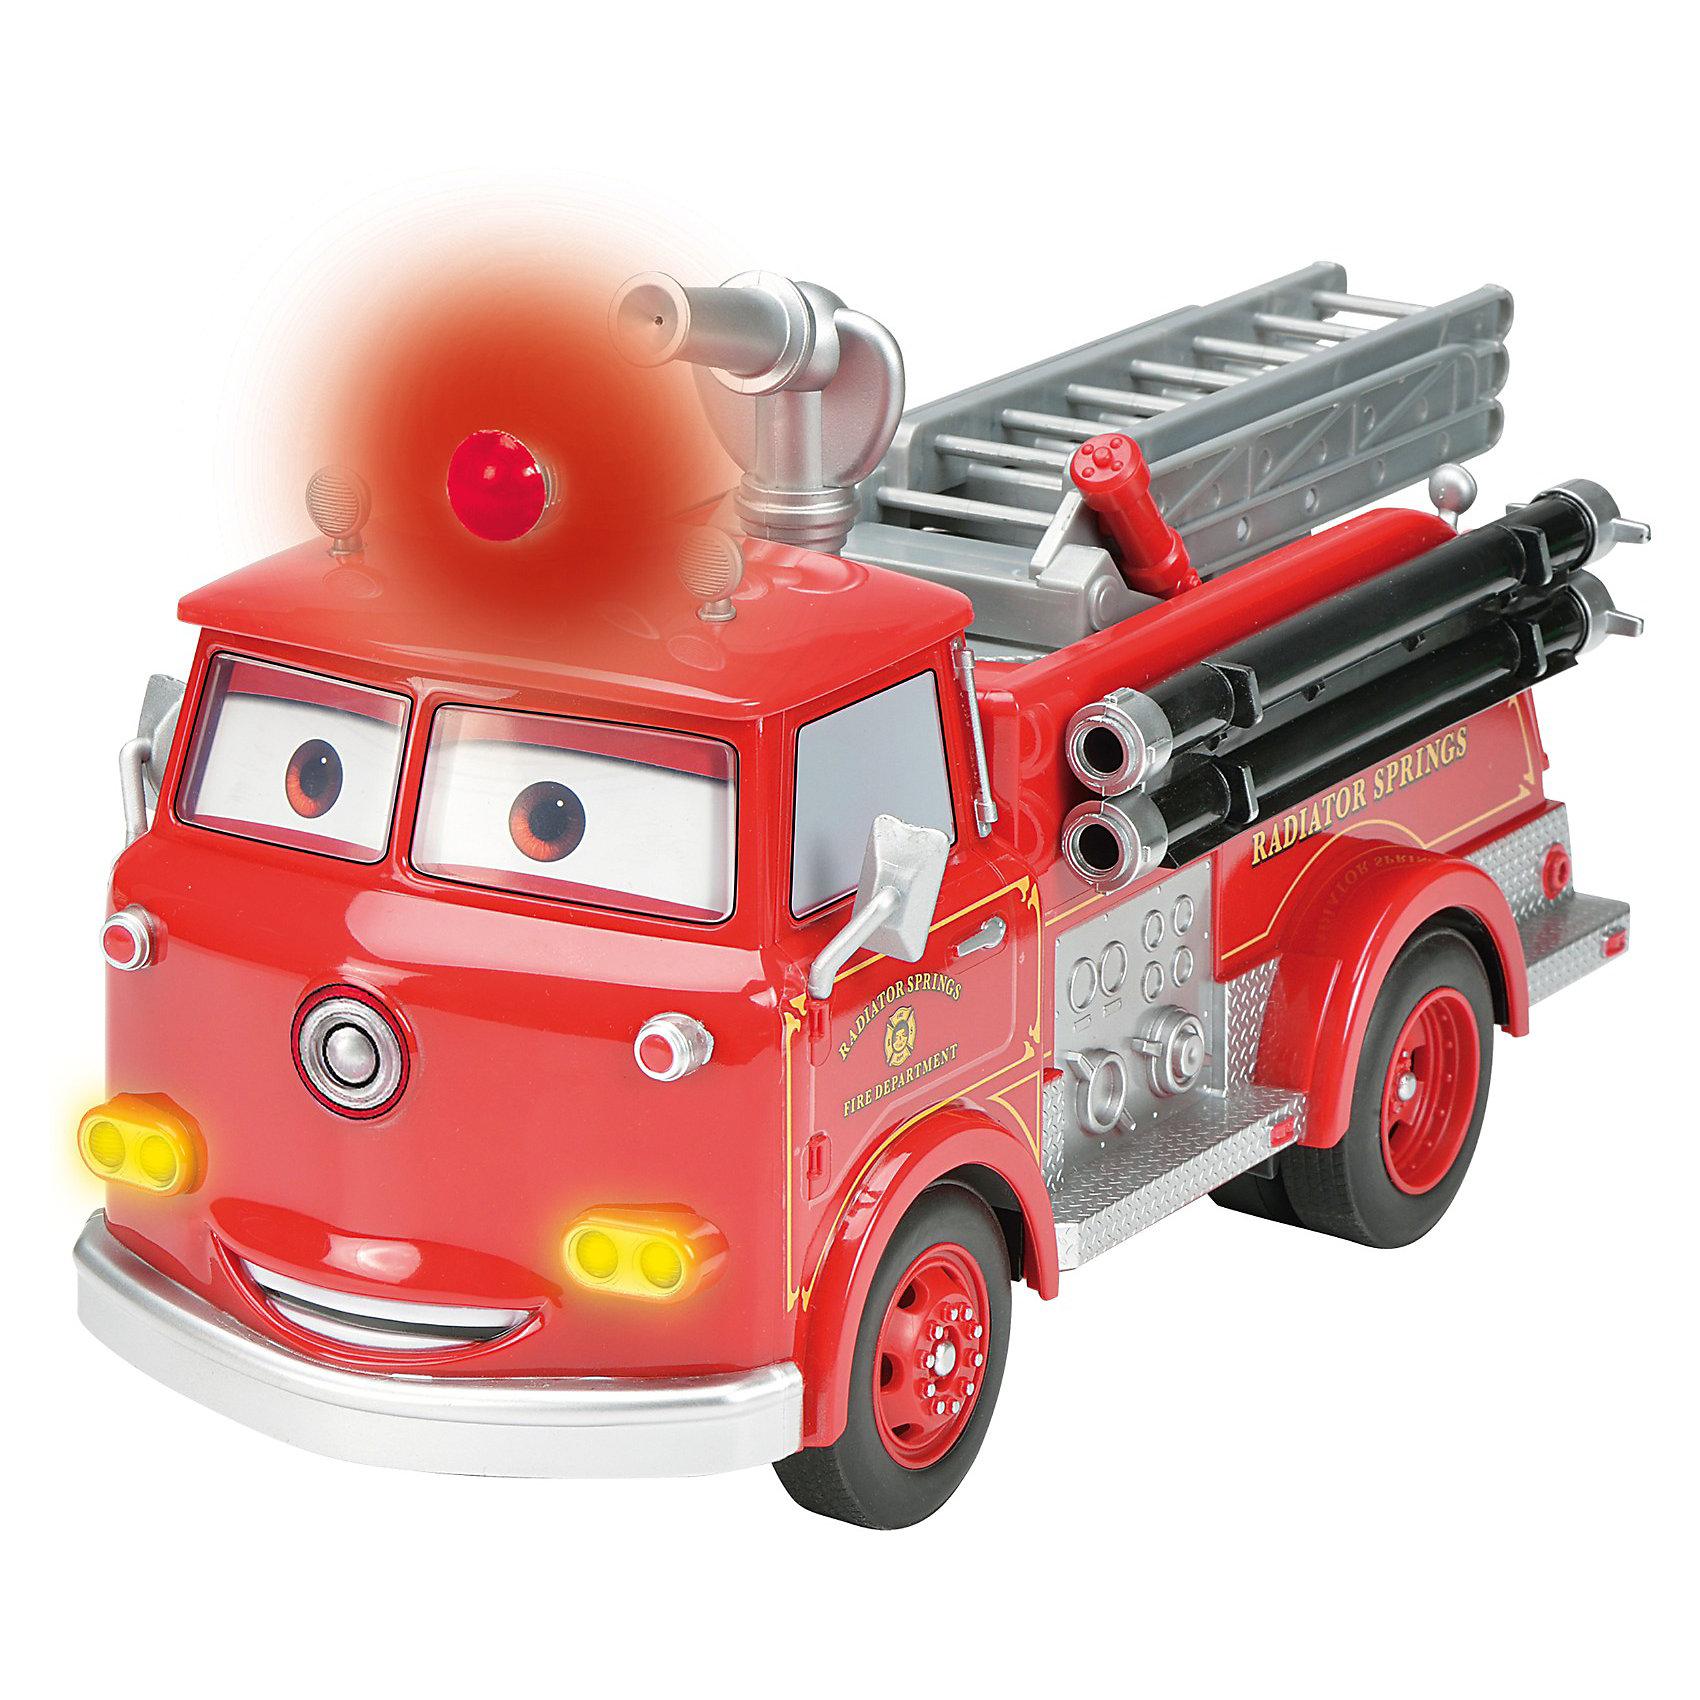 Пожарная машина на р/у, 1:16, 29 см, Dickie ToysМашинки<br>пластмасса, металл.<br><br>Ширина мм: 458<br>Глубина мм: 223<br>Высота мм: 226<br>Вес г: 1604<br>Возраст от месяцев: 36<br>Возраст до месяцев: 84<br>Пол: Мужской<br>Возраст: Детский<br>SKU: 3167811